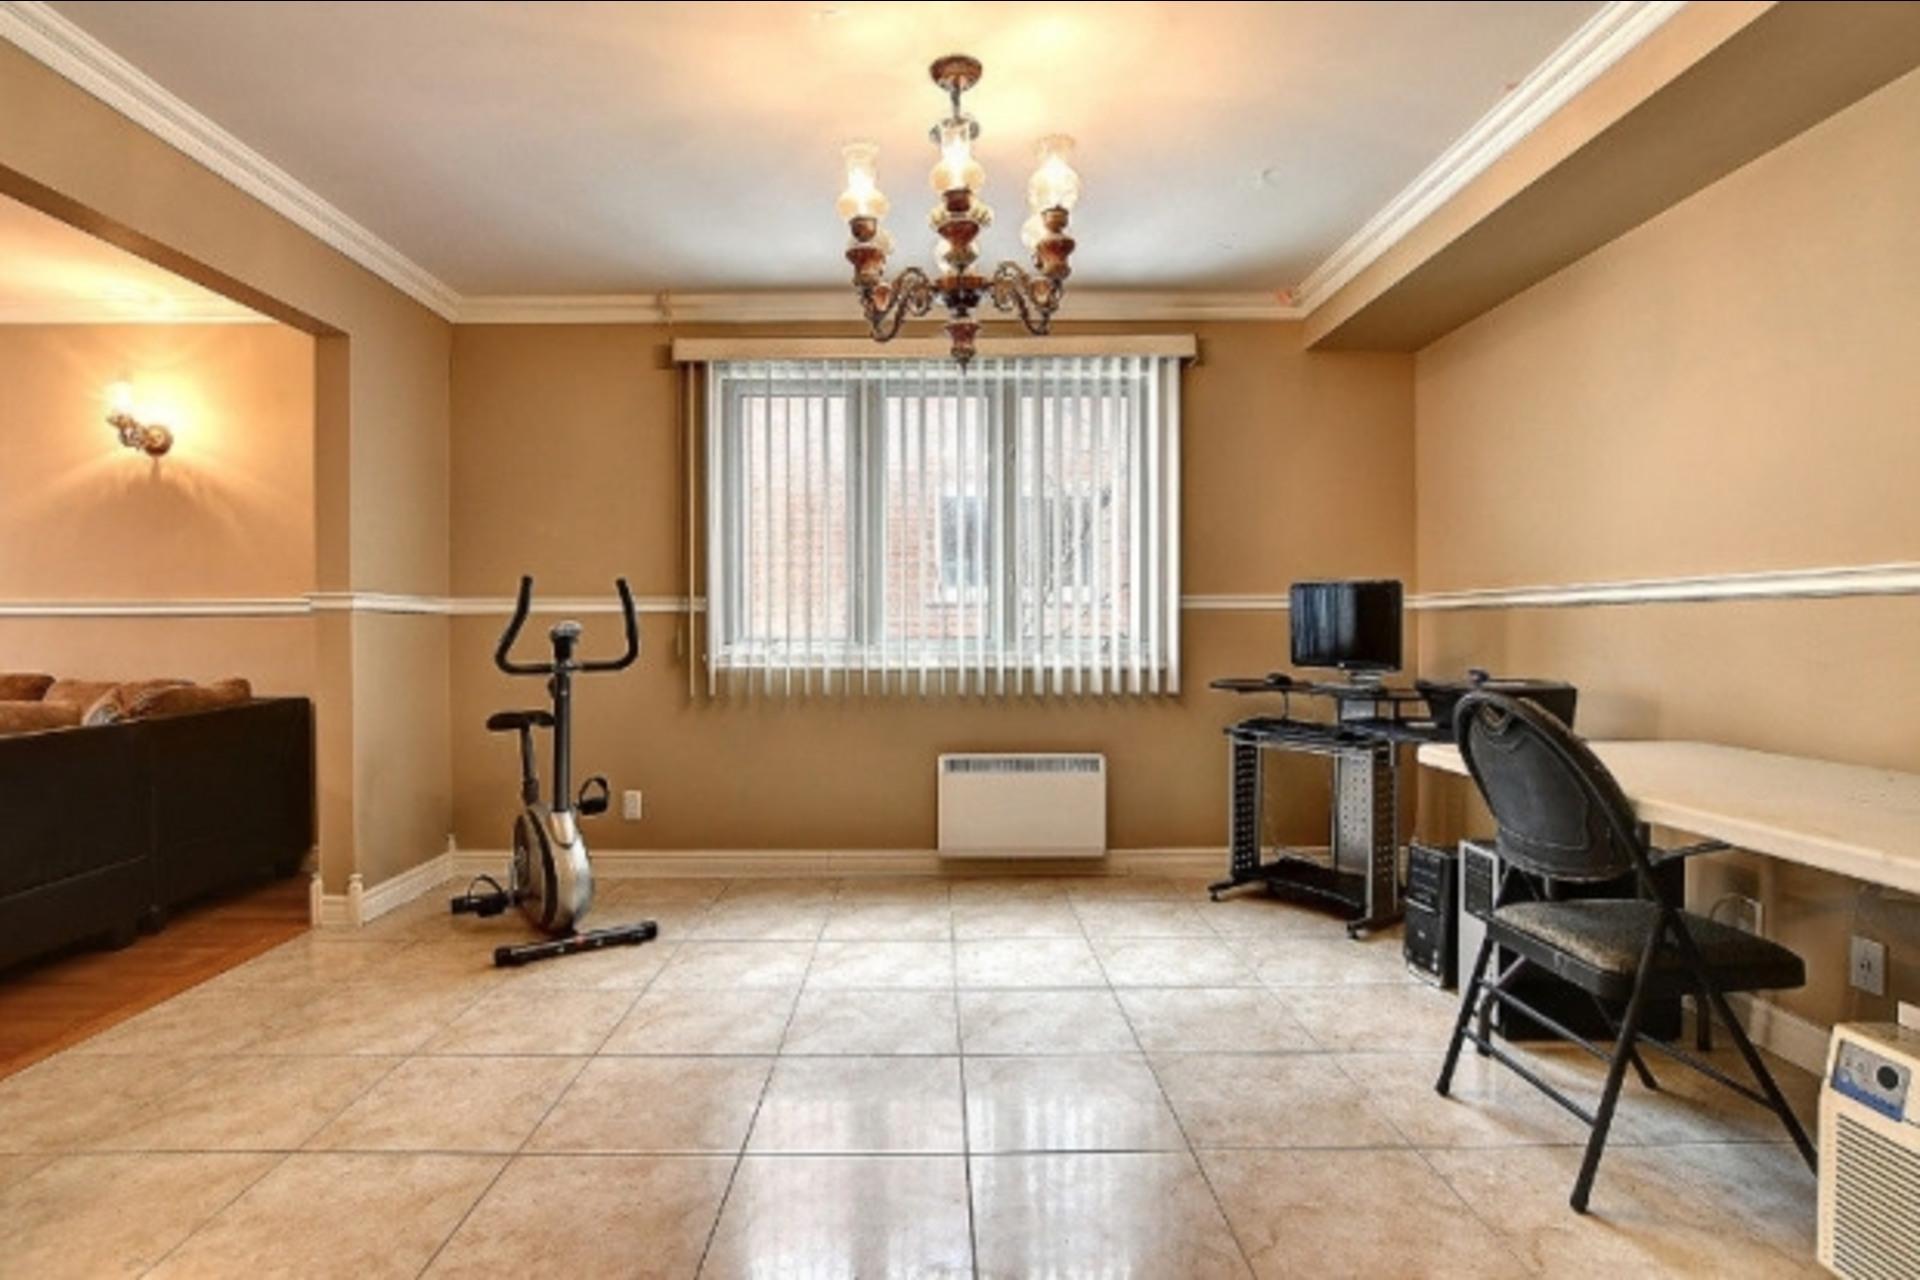 image 6 - Appartement À louer Montréal Saint-Leonard - 6 pièces